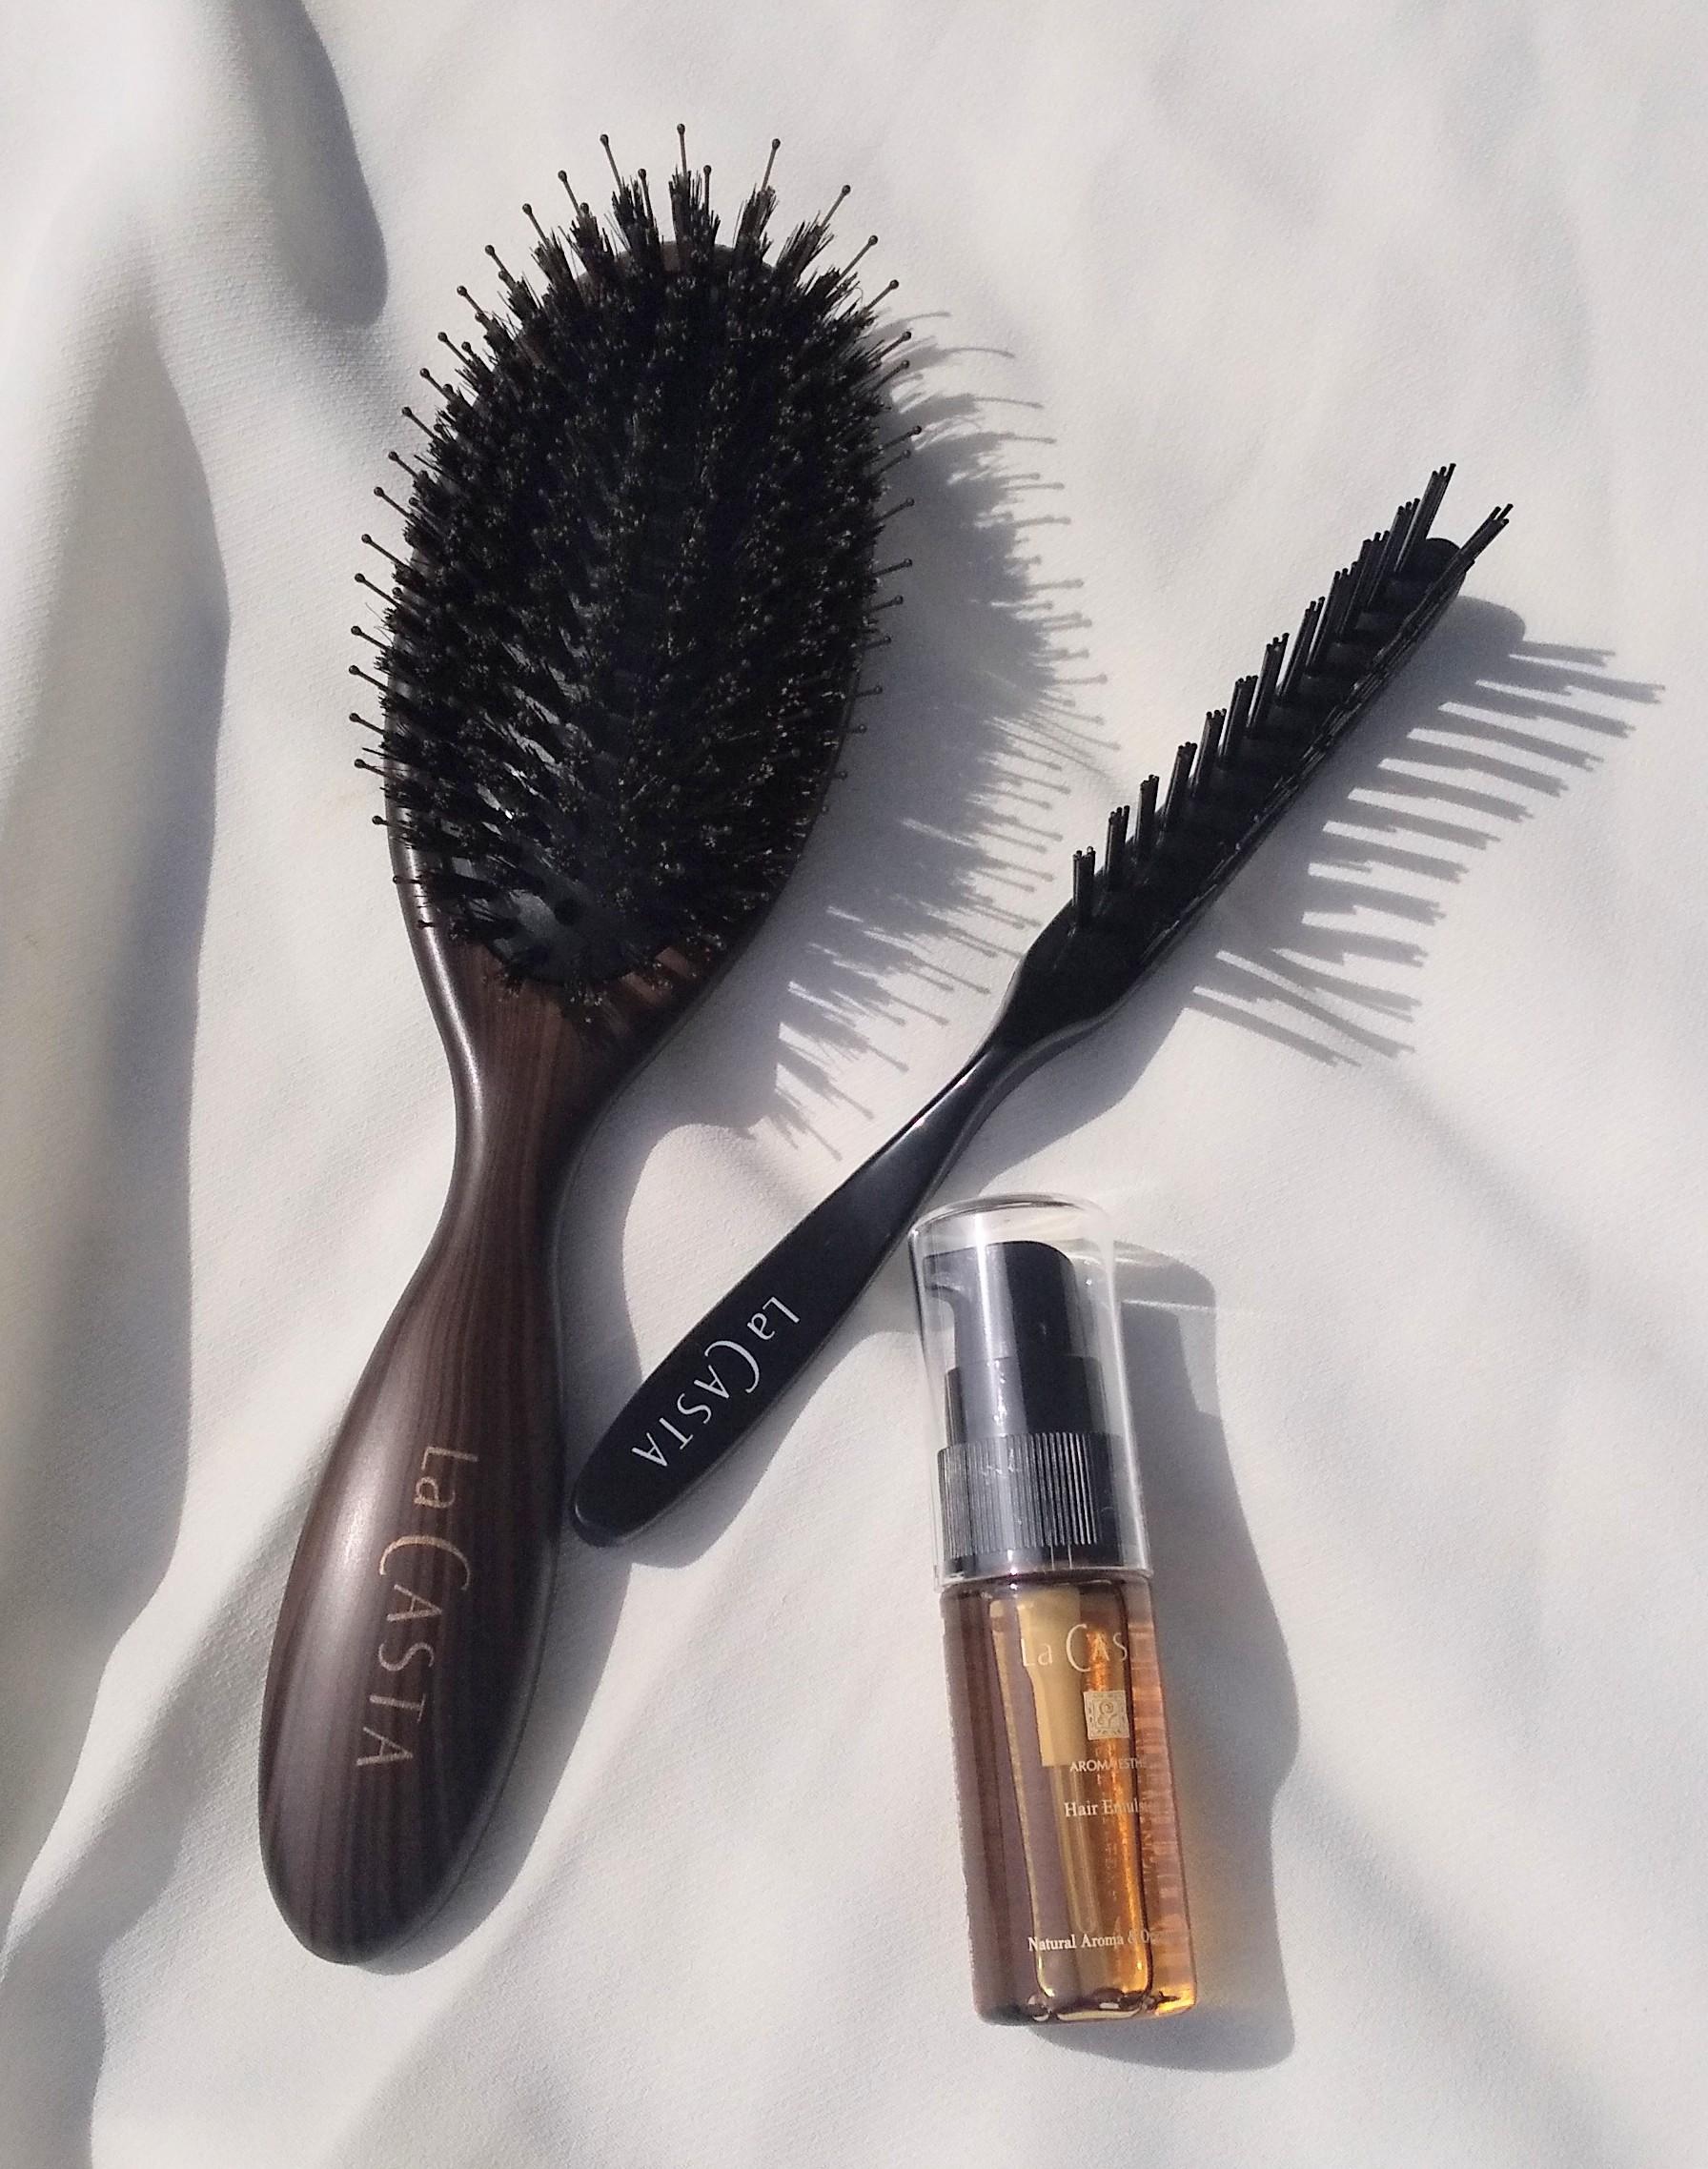 【えっ!?こんなにツヤツヤに?】La CASTAのヘアブラシで頭皮も毛先も元気に!!効果に驚き!_5